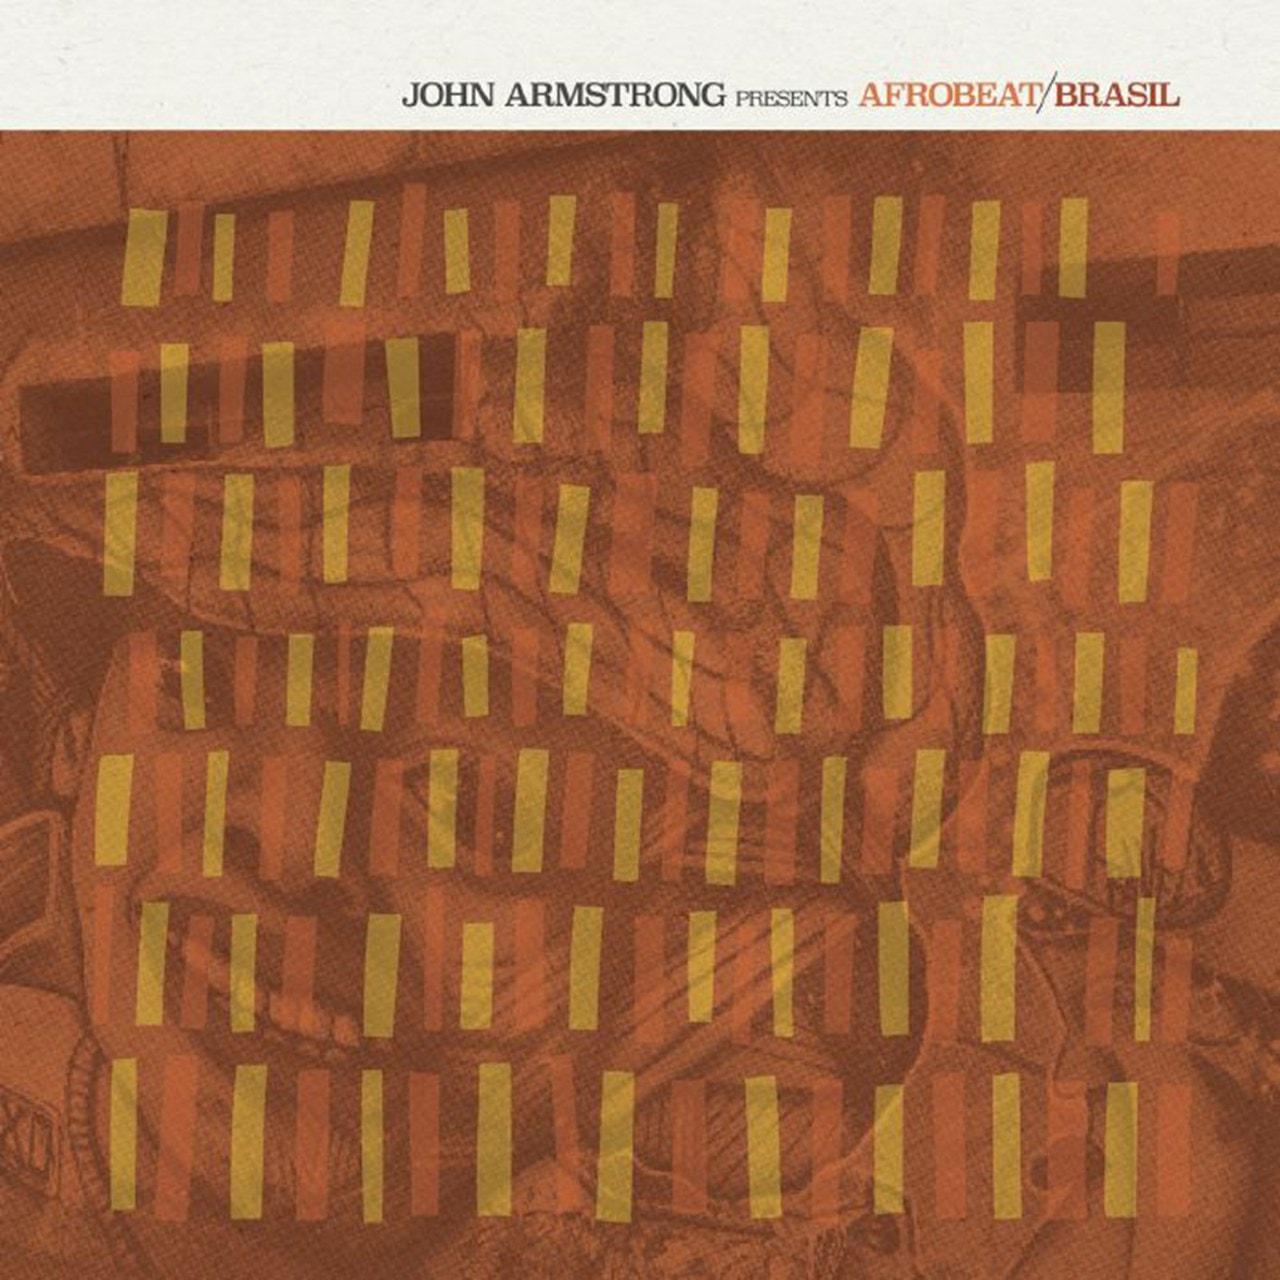 John Armstrong Presents Afrobeat Brasil - 1